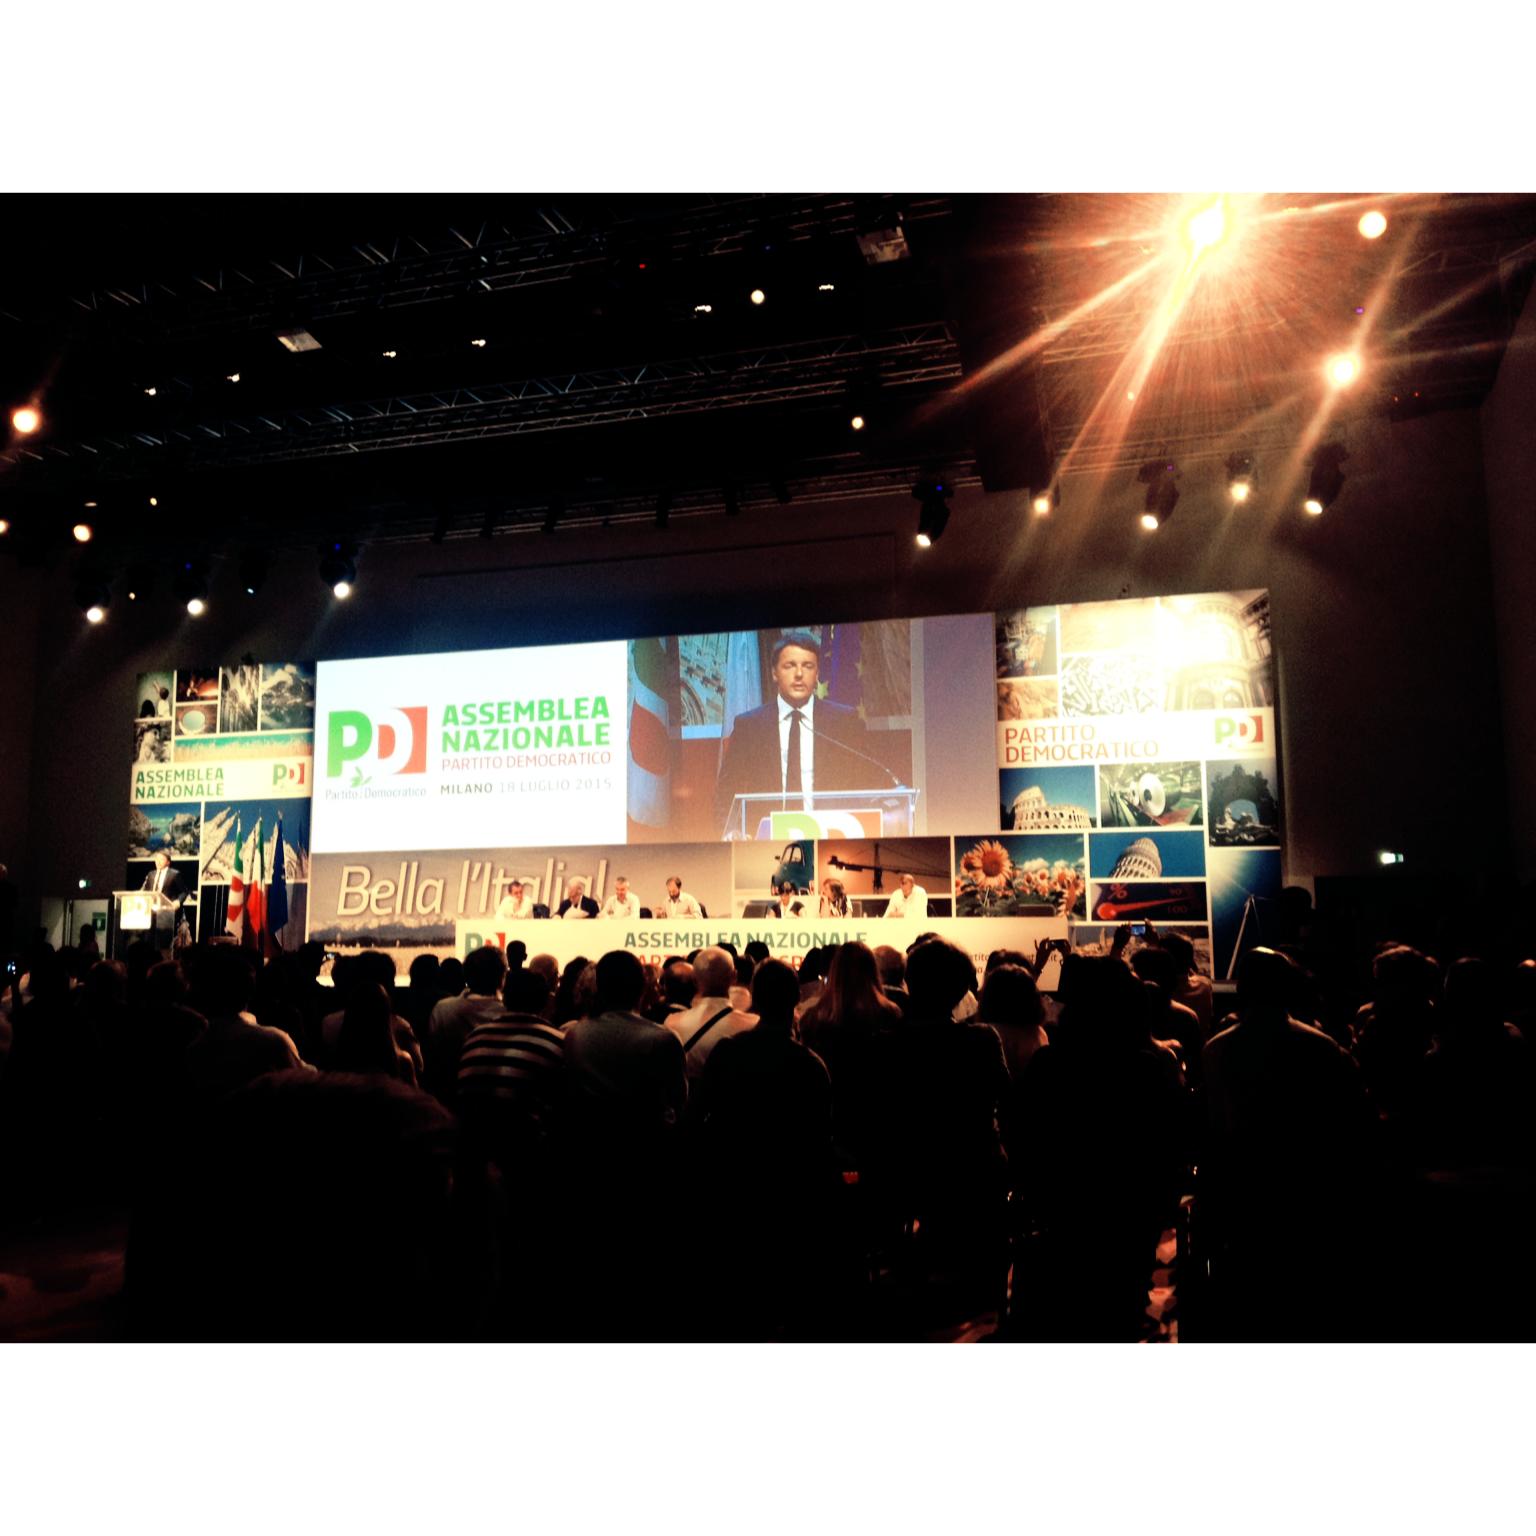 Assemblea nazionale Milano Expo